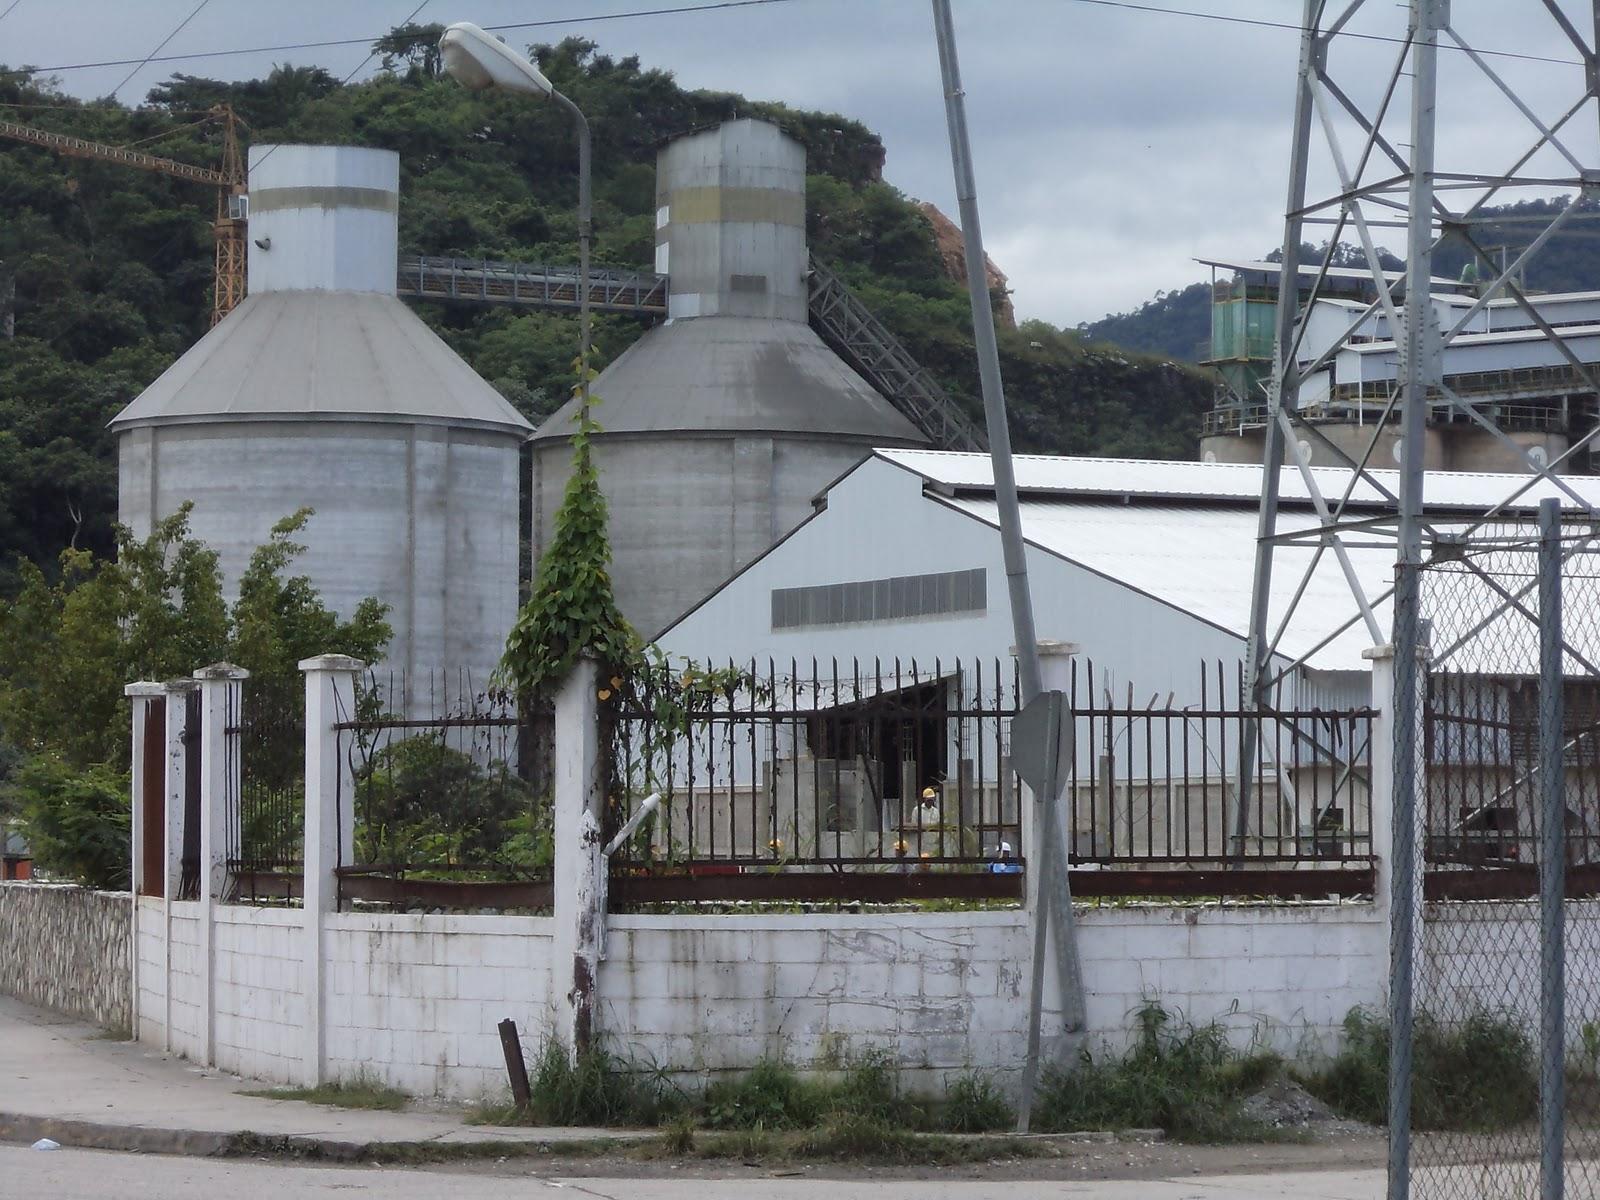 La industria en honduras - Microcementos del norte ...